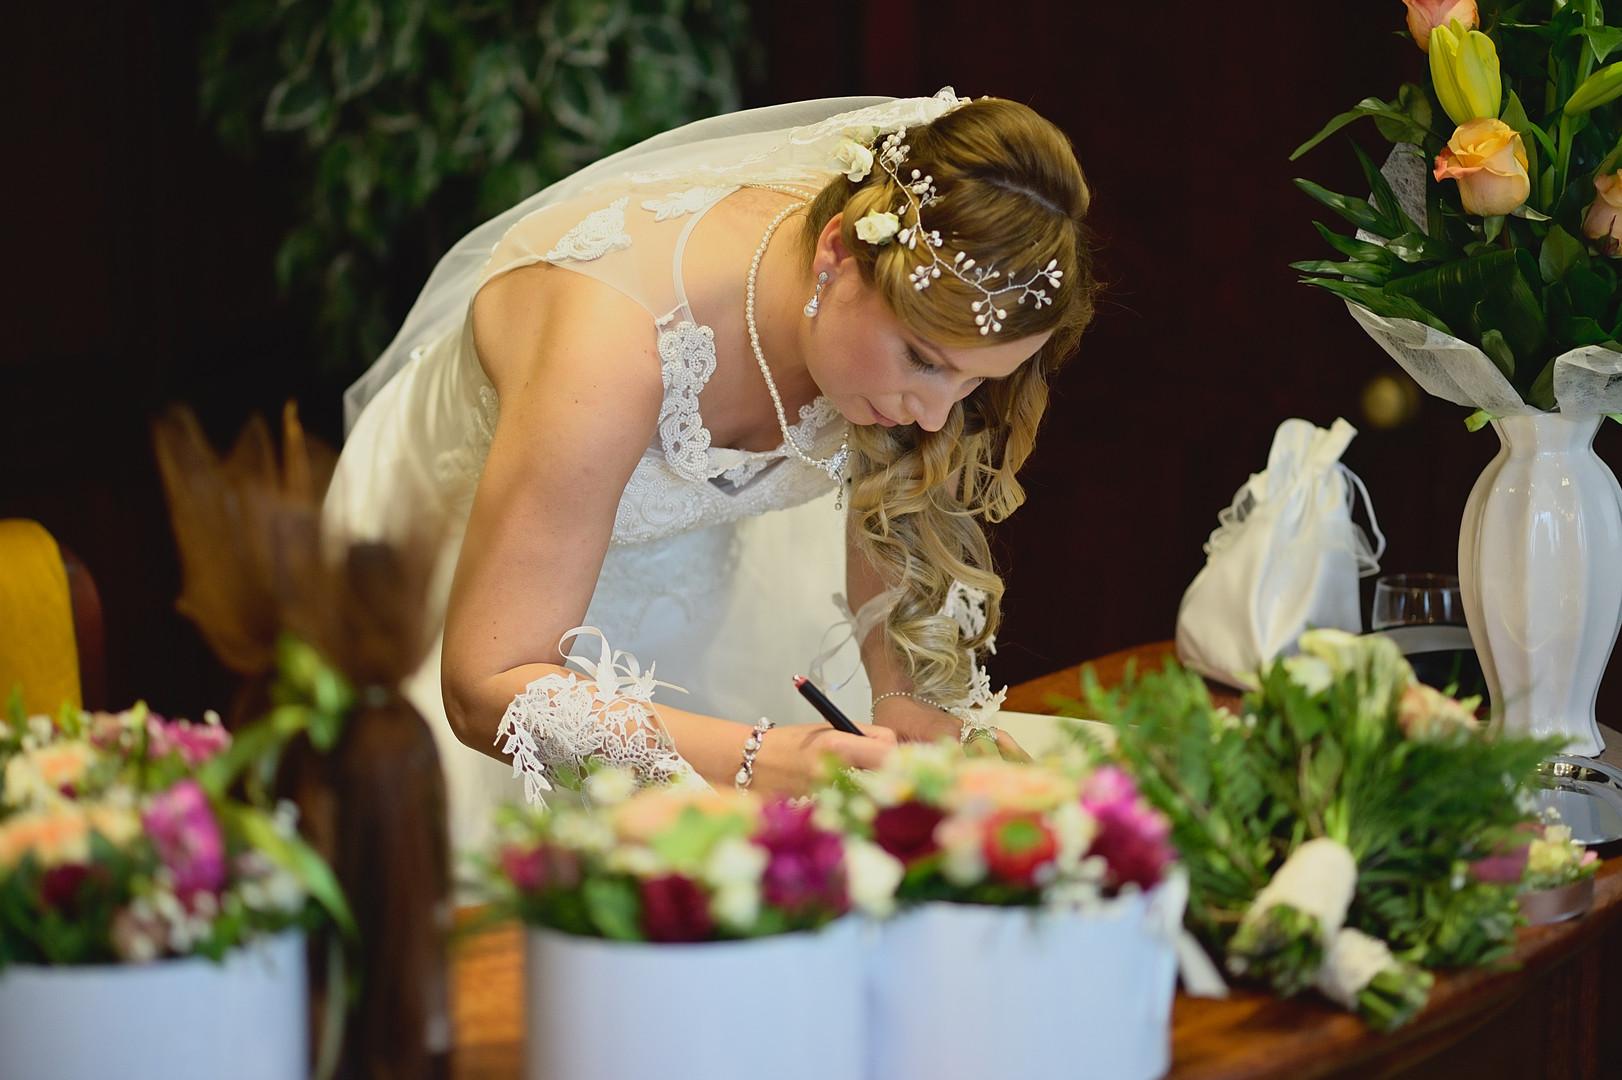 050 Esküvői fotózás - Enikő és Peti.jpg